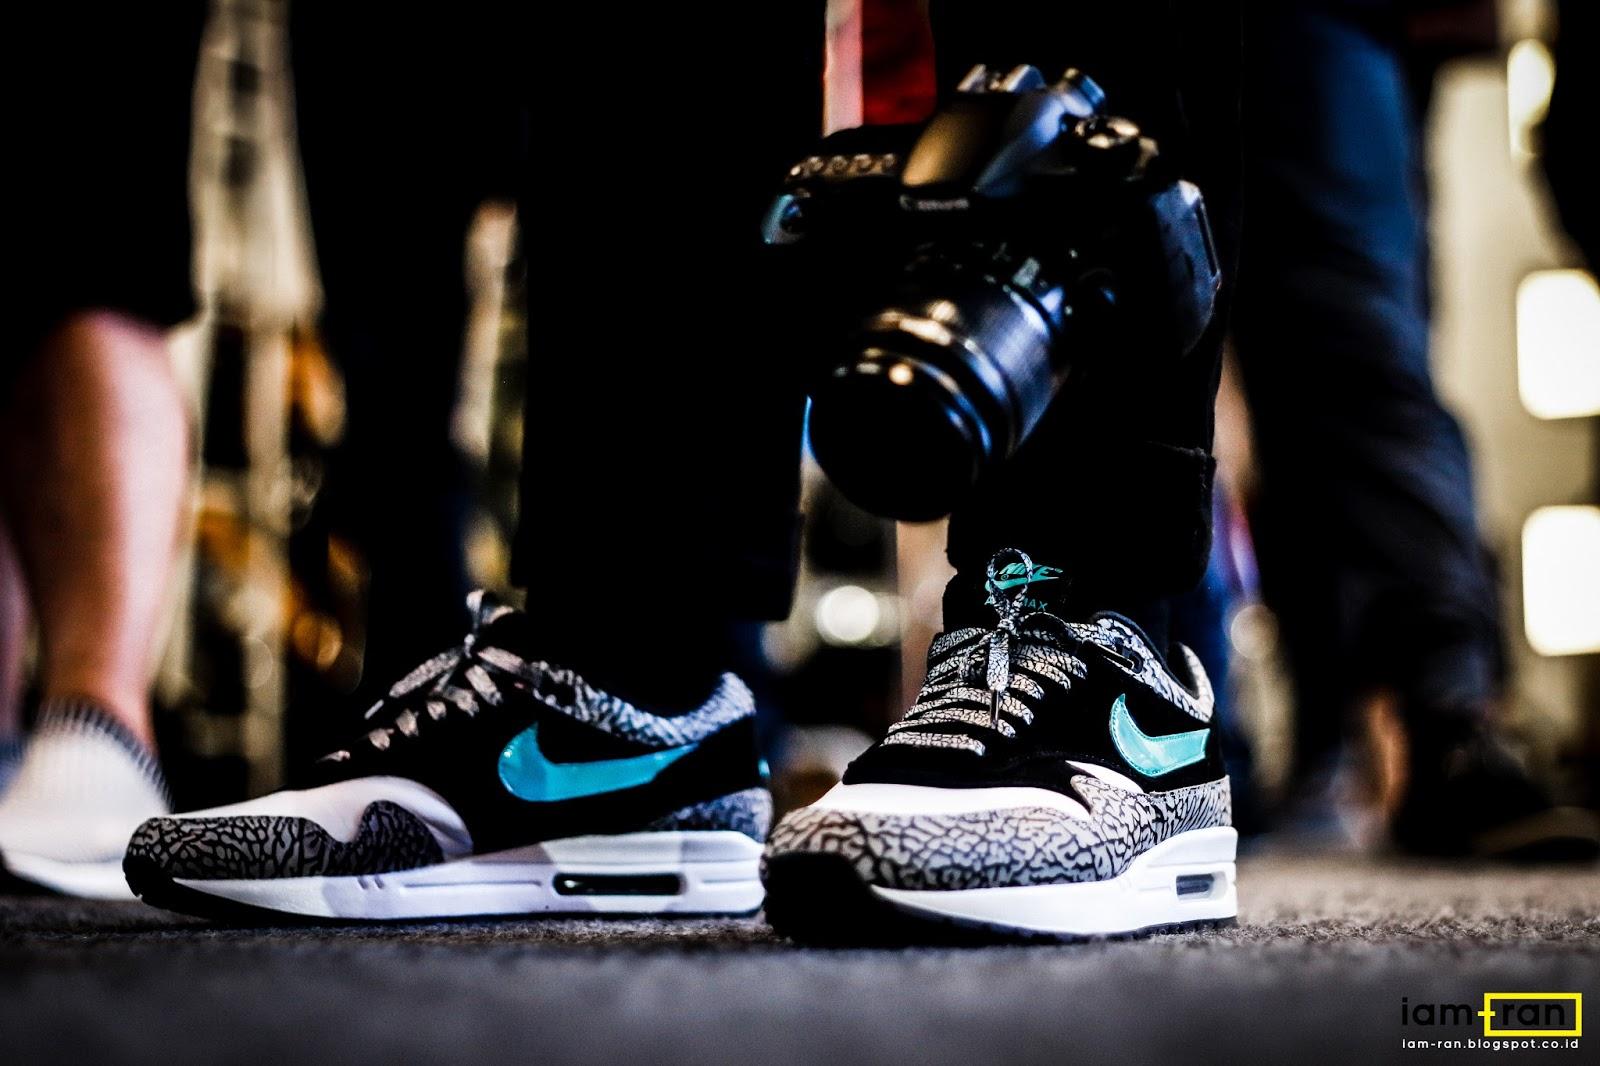 47e42b14a04bc1 Ade on feet. Sneakers   Nike Air Max 1 X Atmos. Photo by   iam.ran06